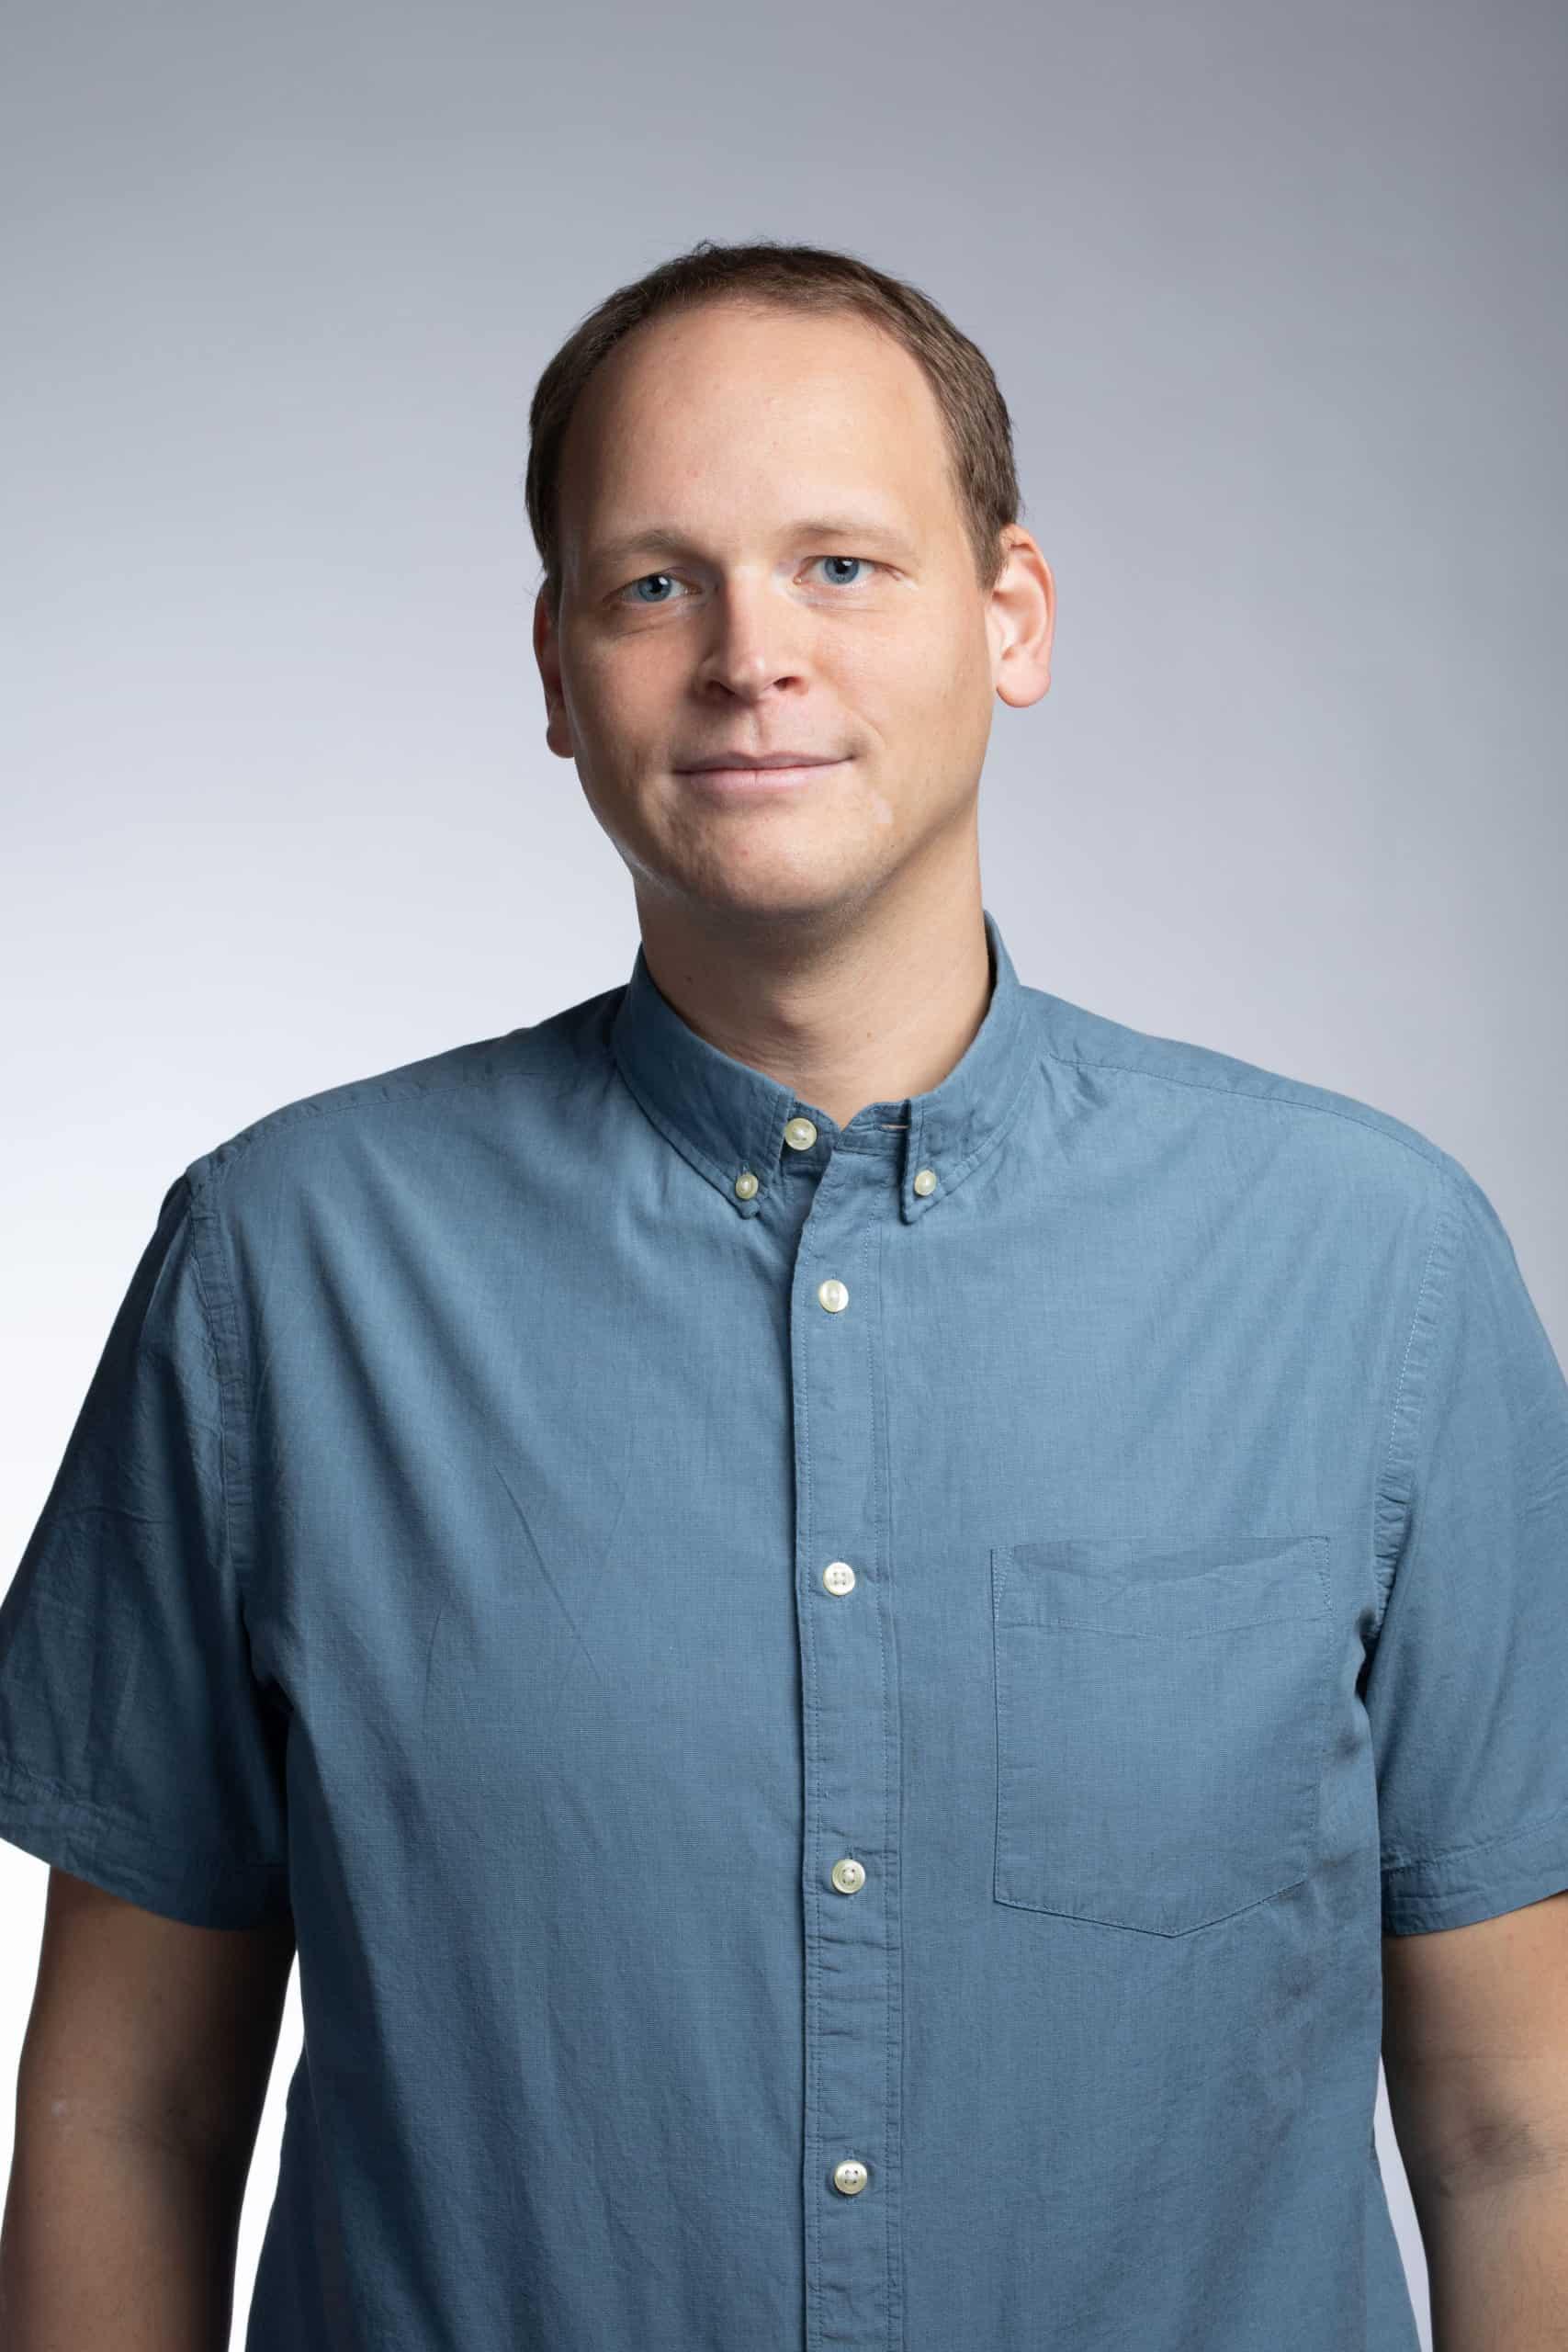 Joshua Jorgensen